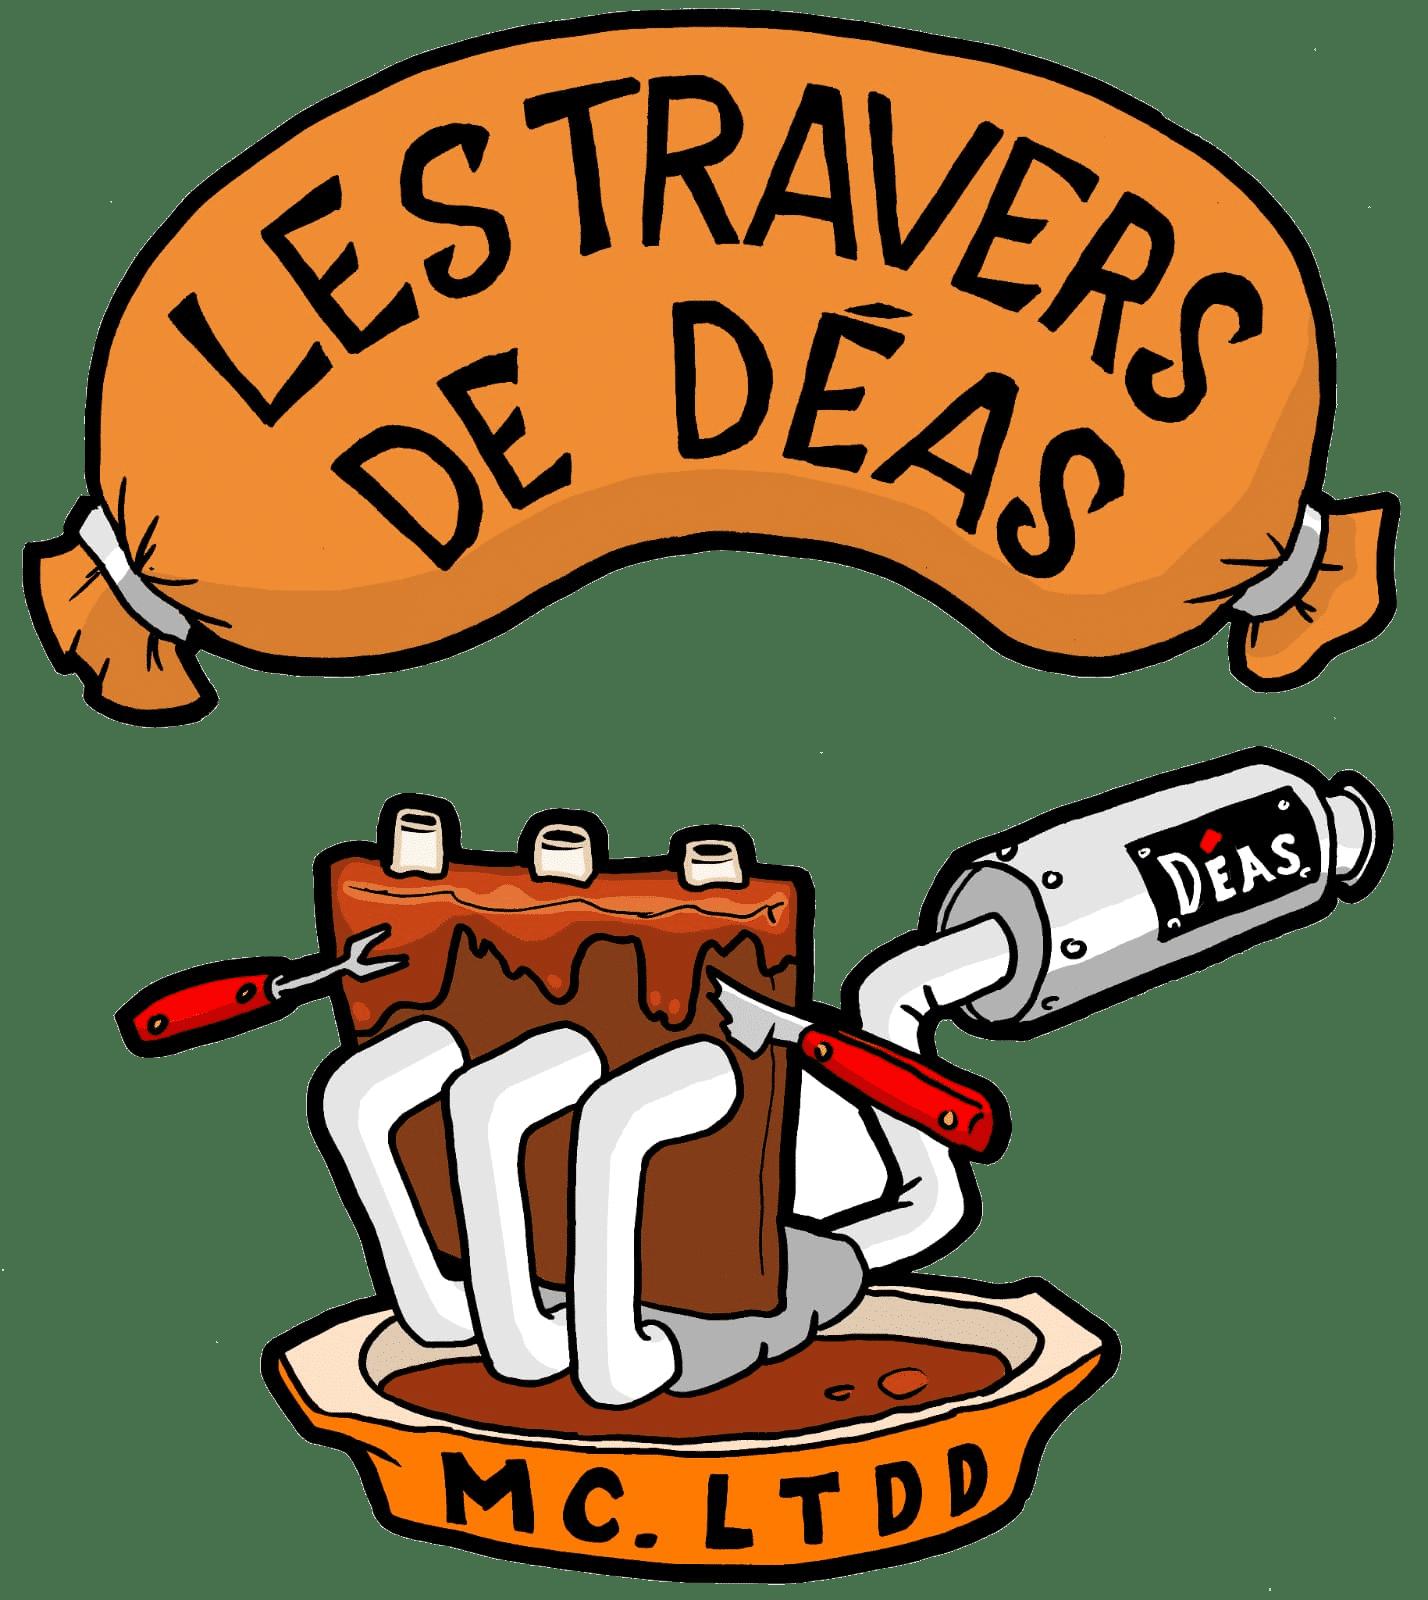 Les Travers de deas